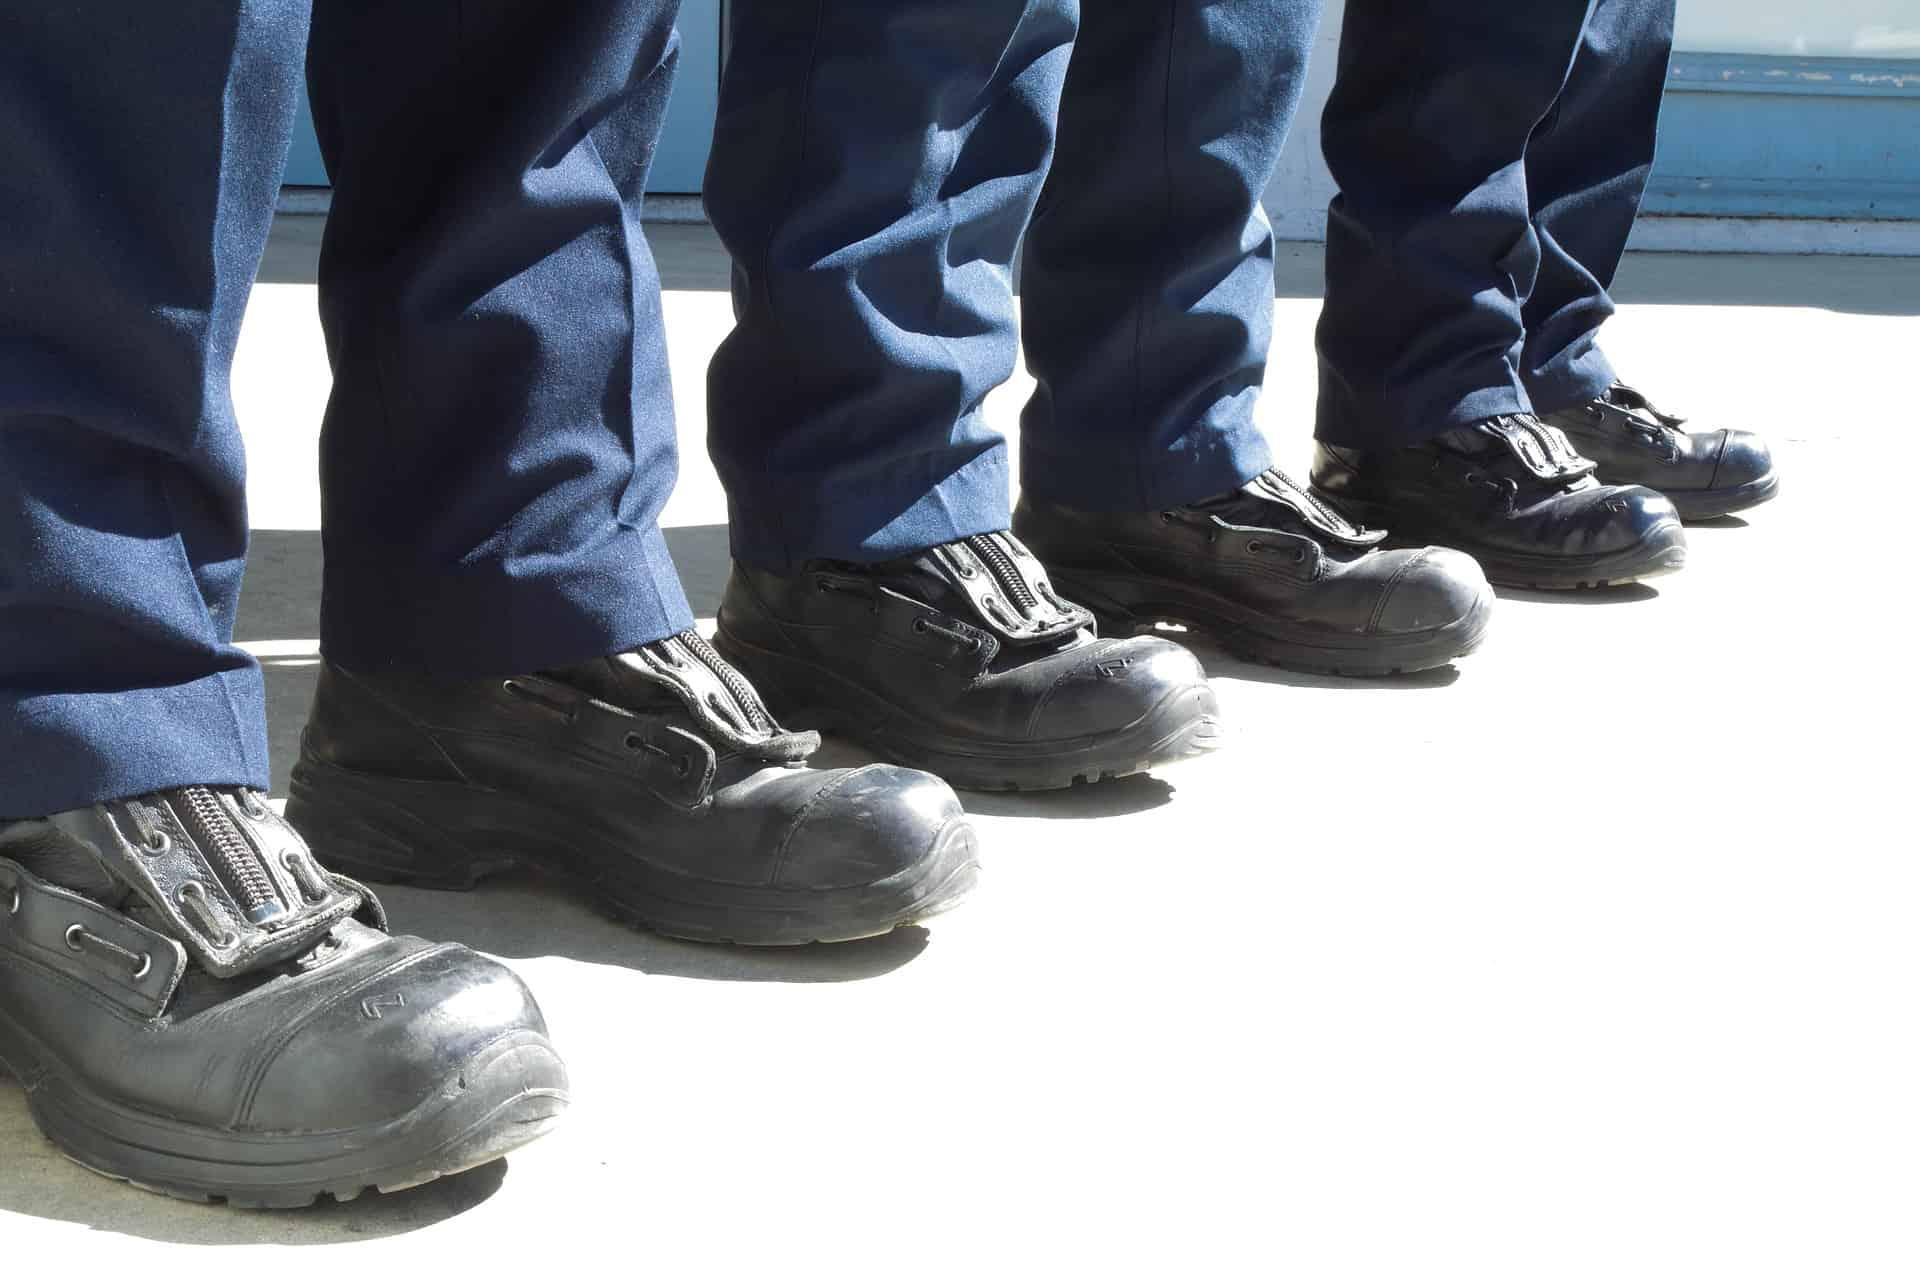 Sapato de segurança: Como escolher o melhor de 2021